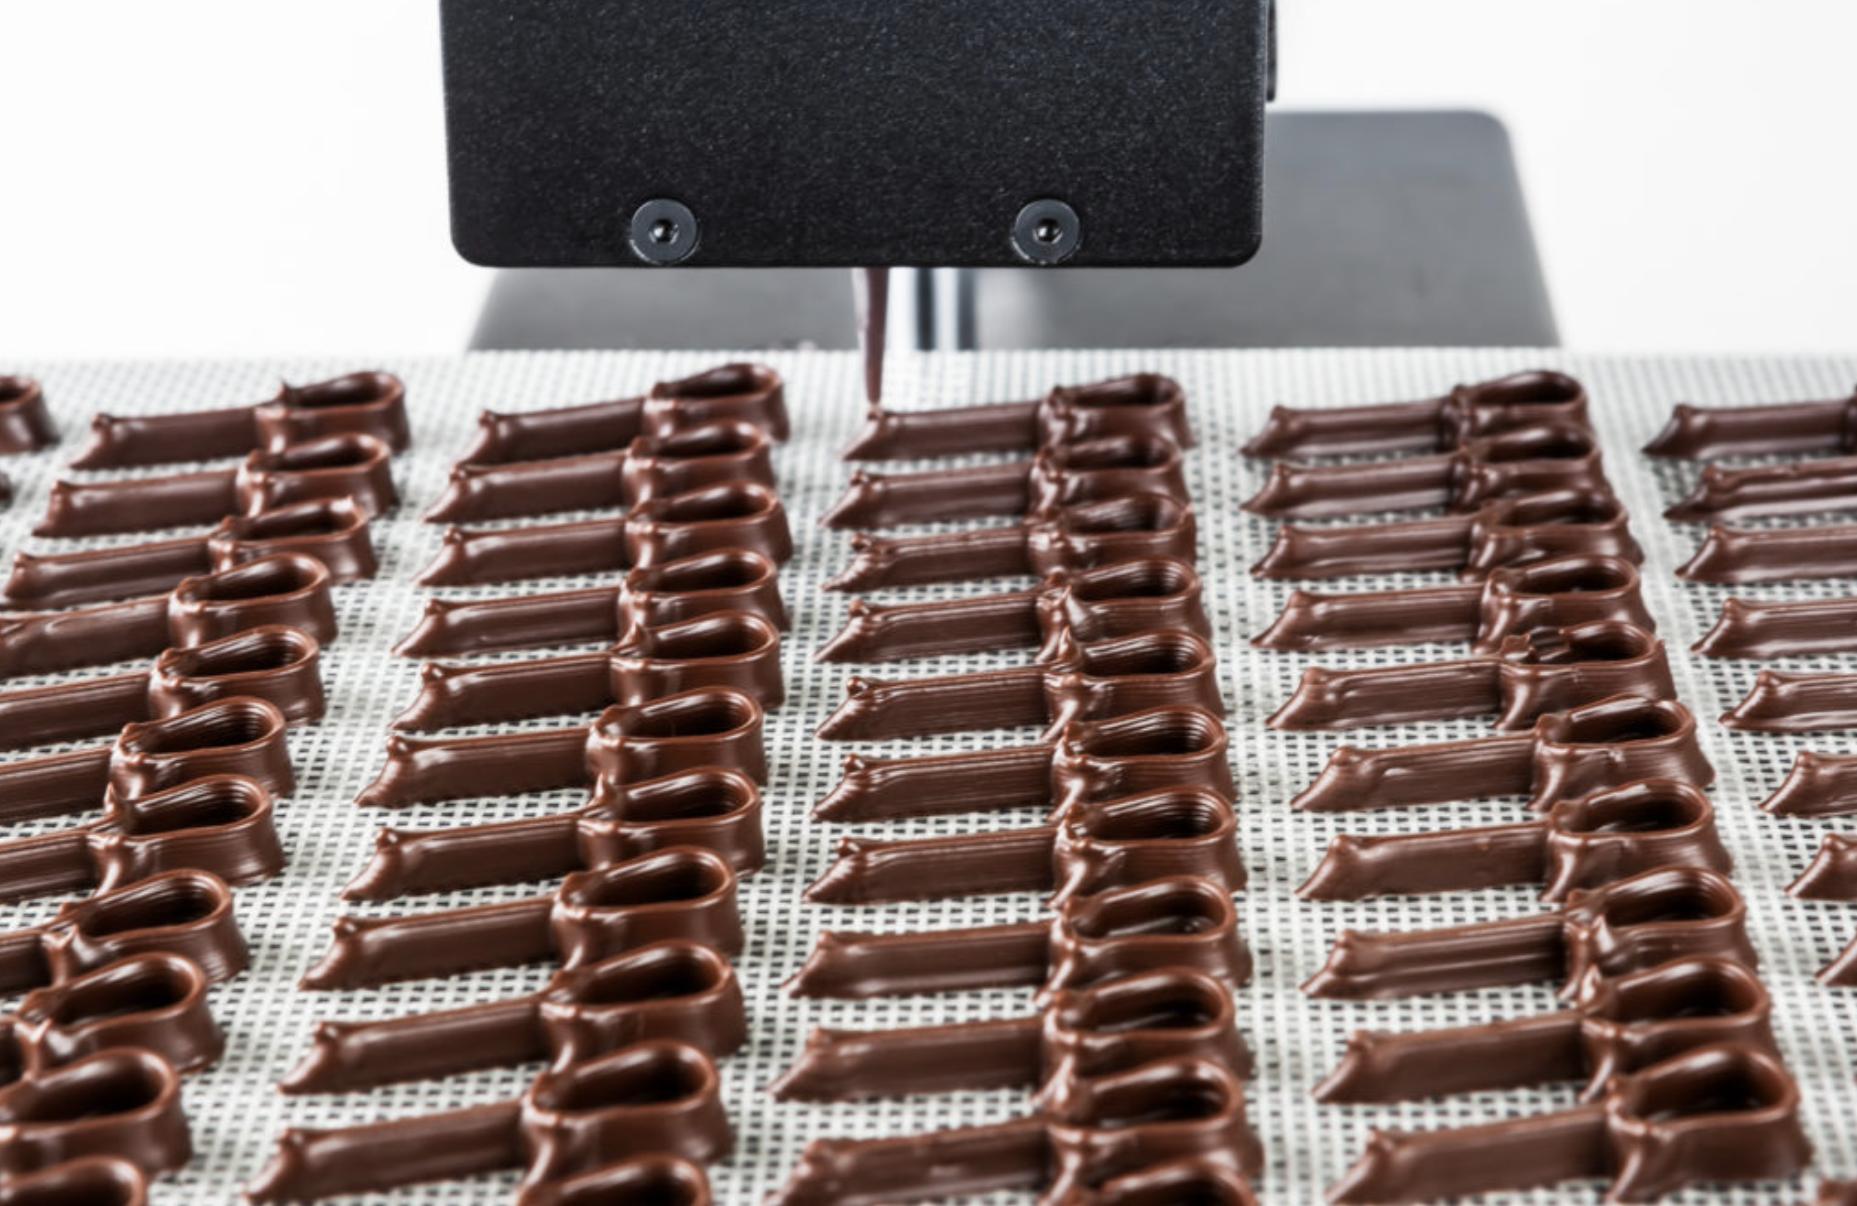 Čokolada - 84 čokoladnih i personaliziranih gitara izrađeno je u čak 93 minute!